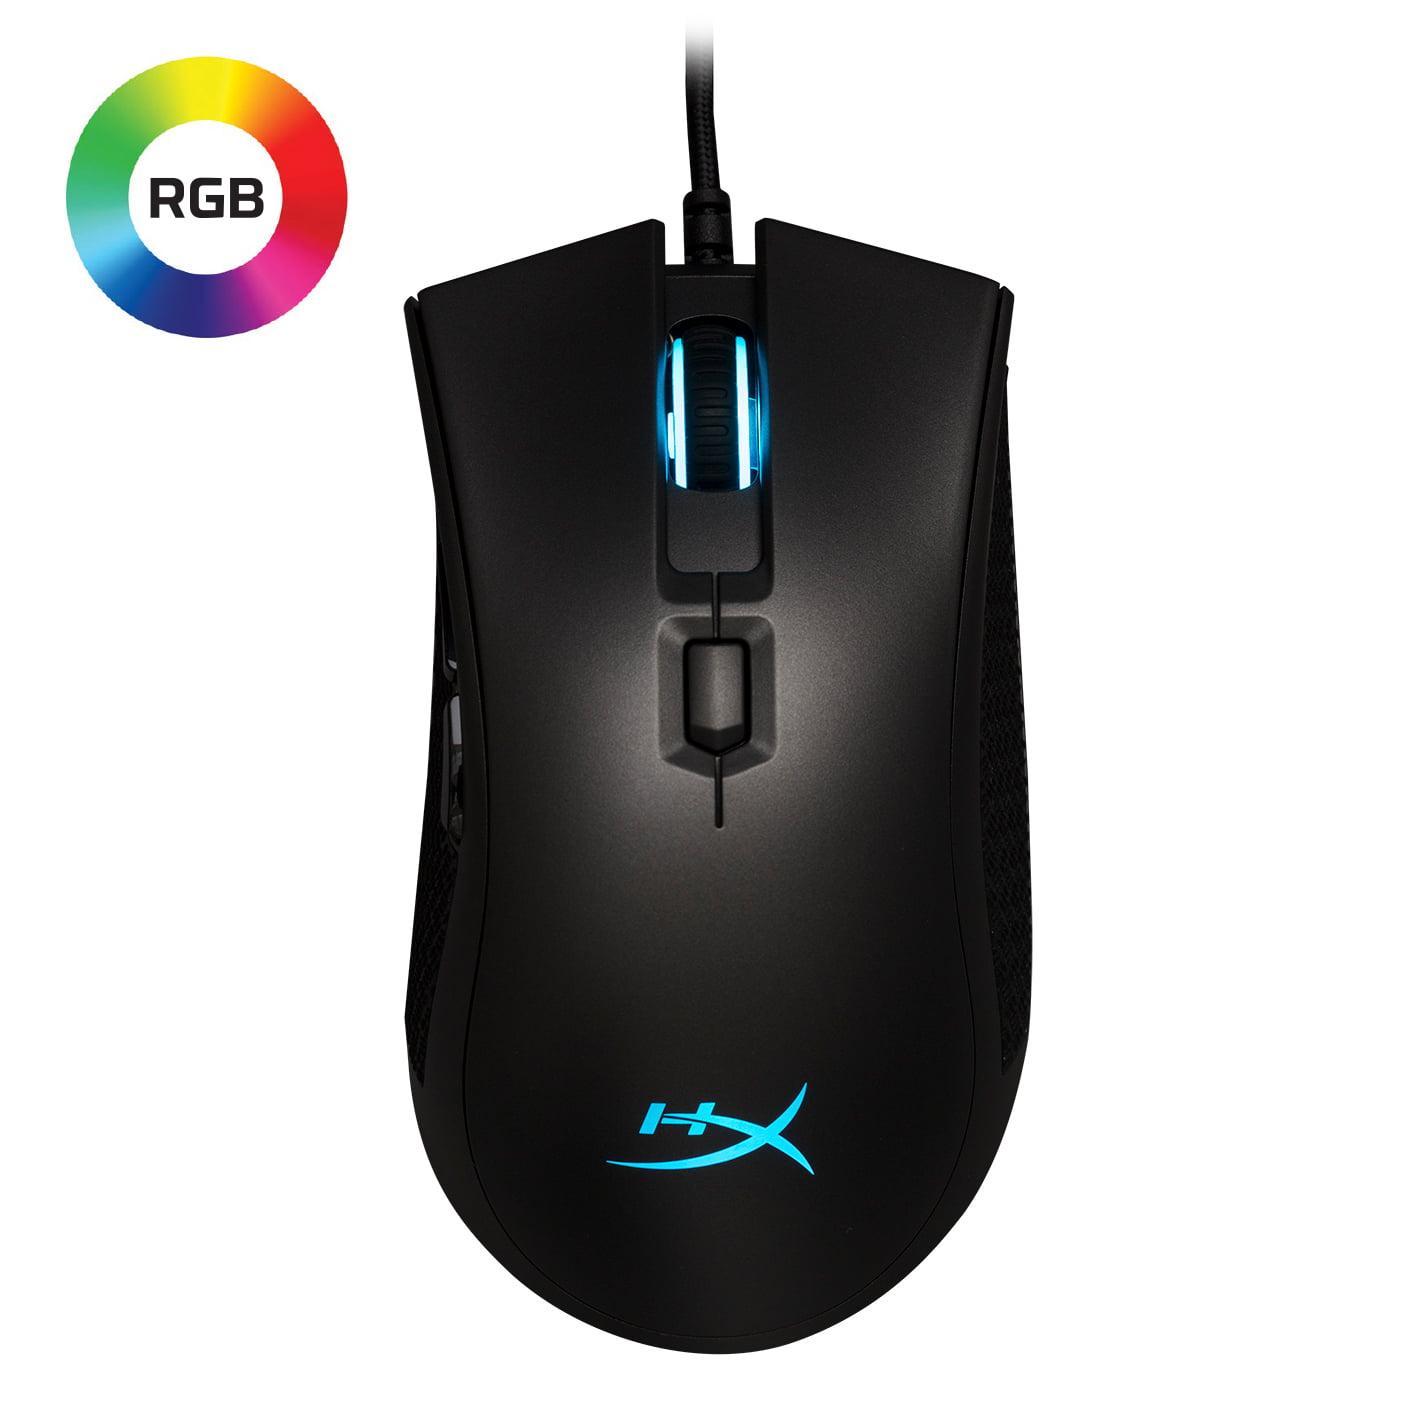 Hyperx Pulsefire Fps Pro Rgb Gaming Mouse Walmart Com Walmart Com